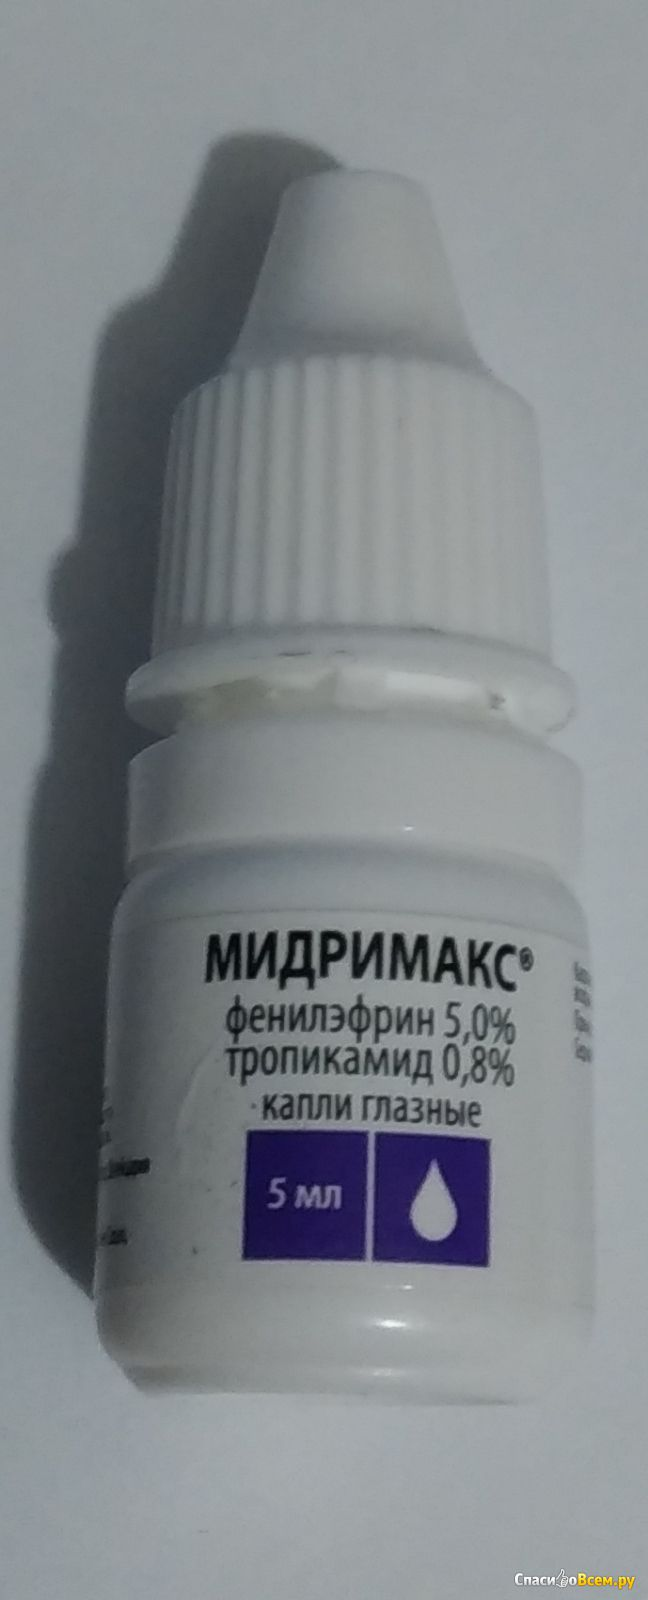 Купить мидримакс капли глазные 5мл цена от 366руб в аптеках москвы дешево, инструкция по применению, состав, аналоги, отзывы